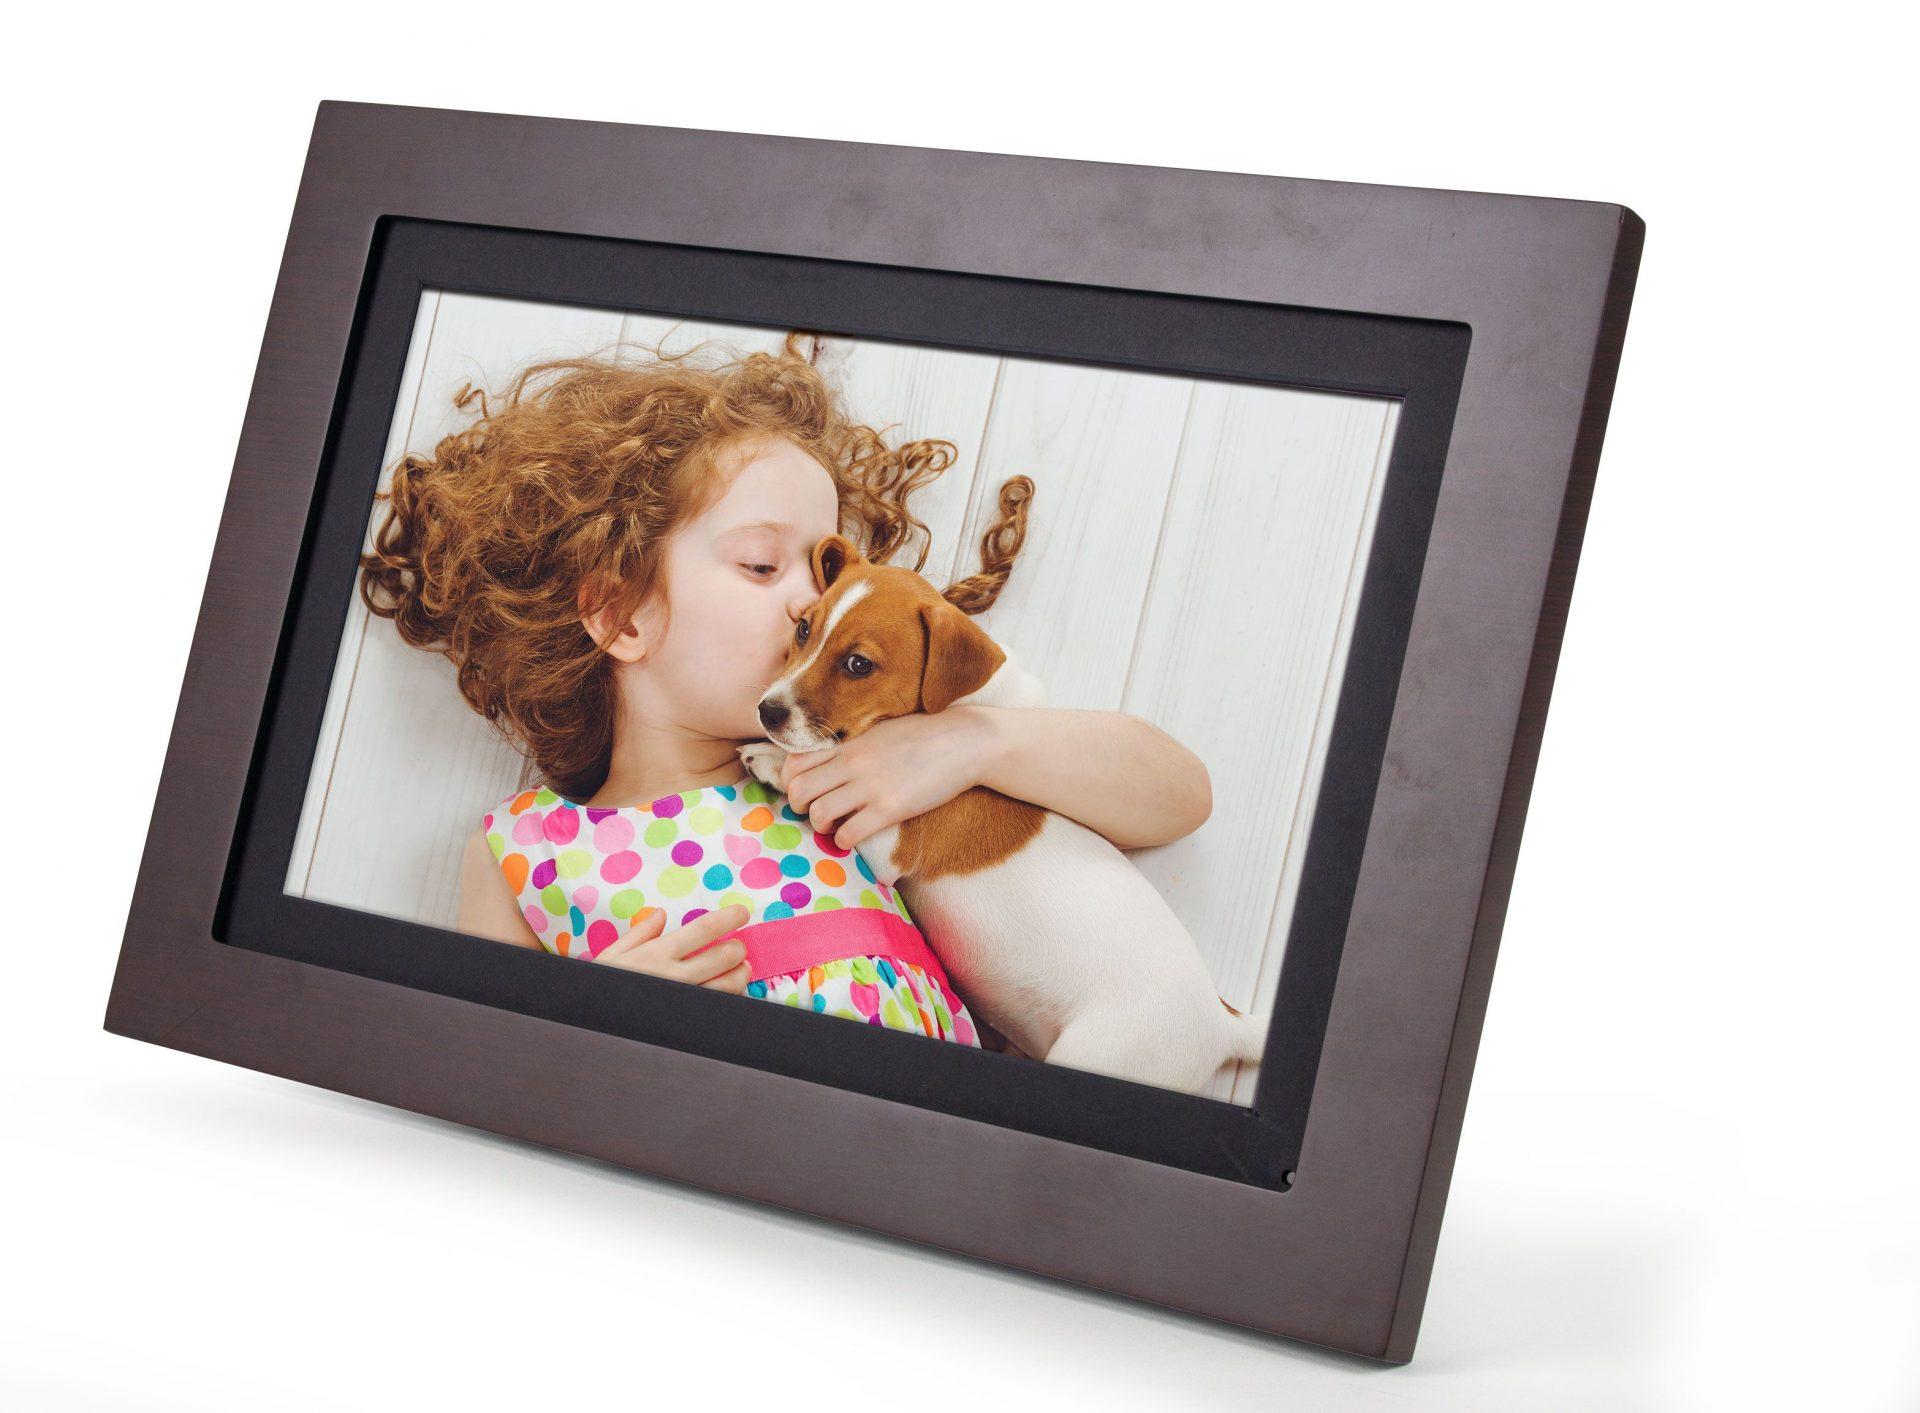 Brookstone frame